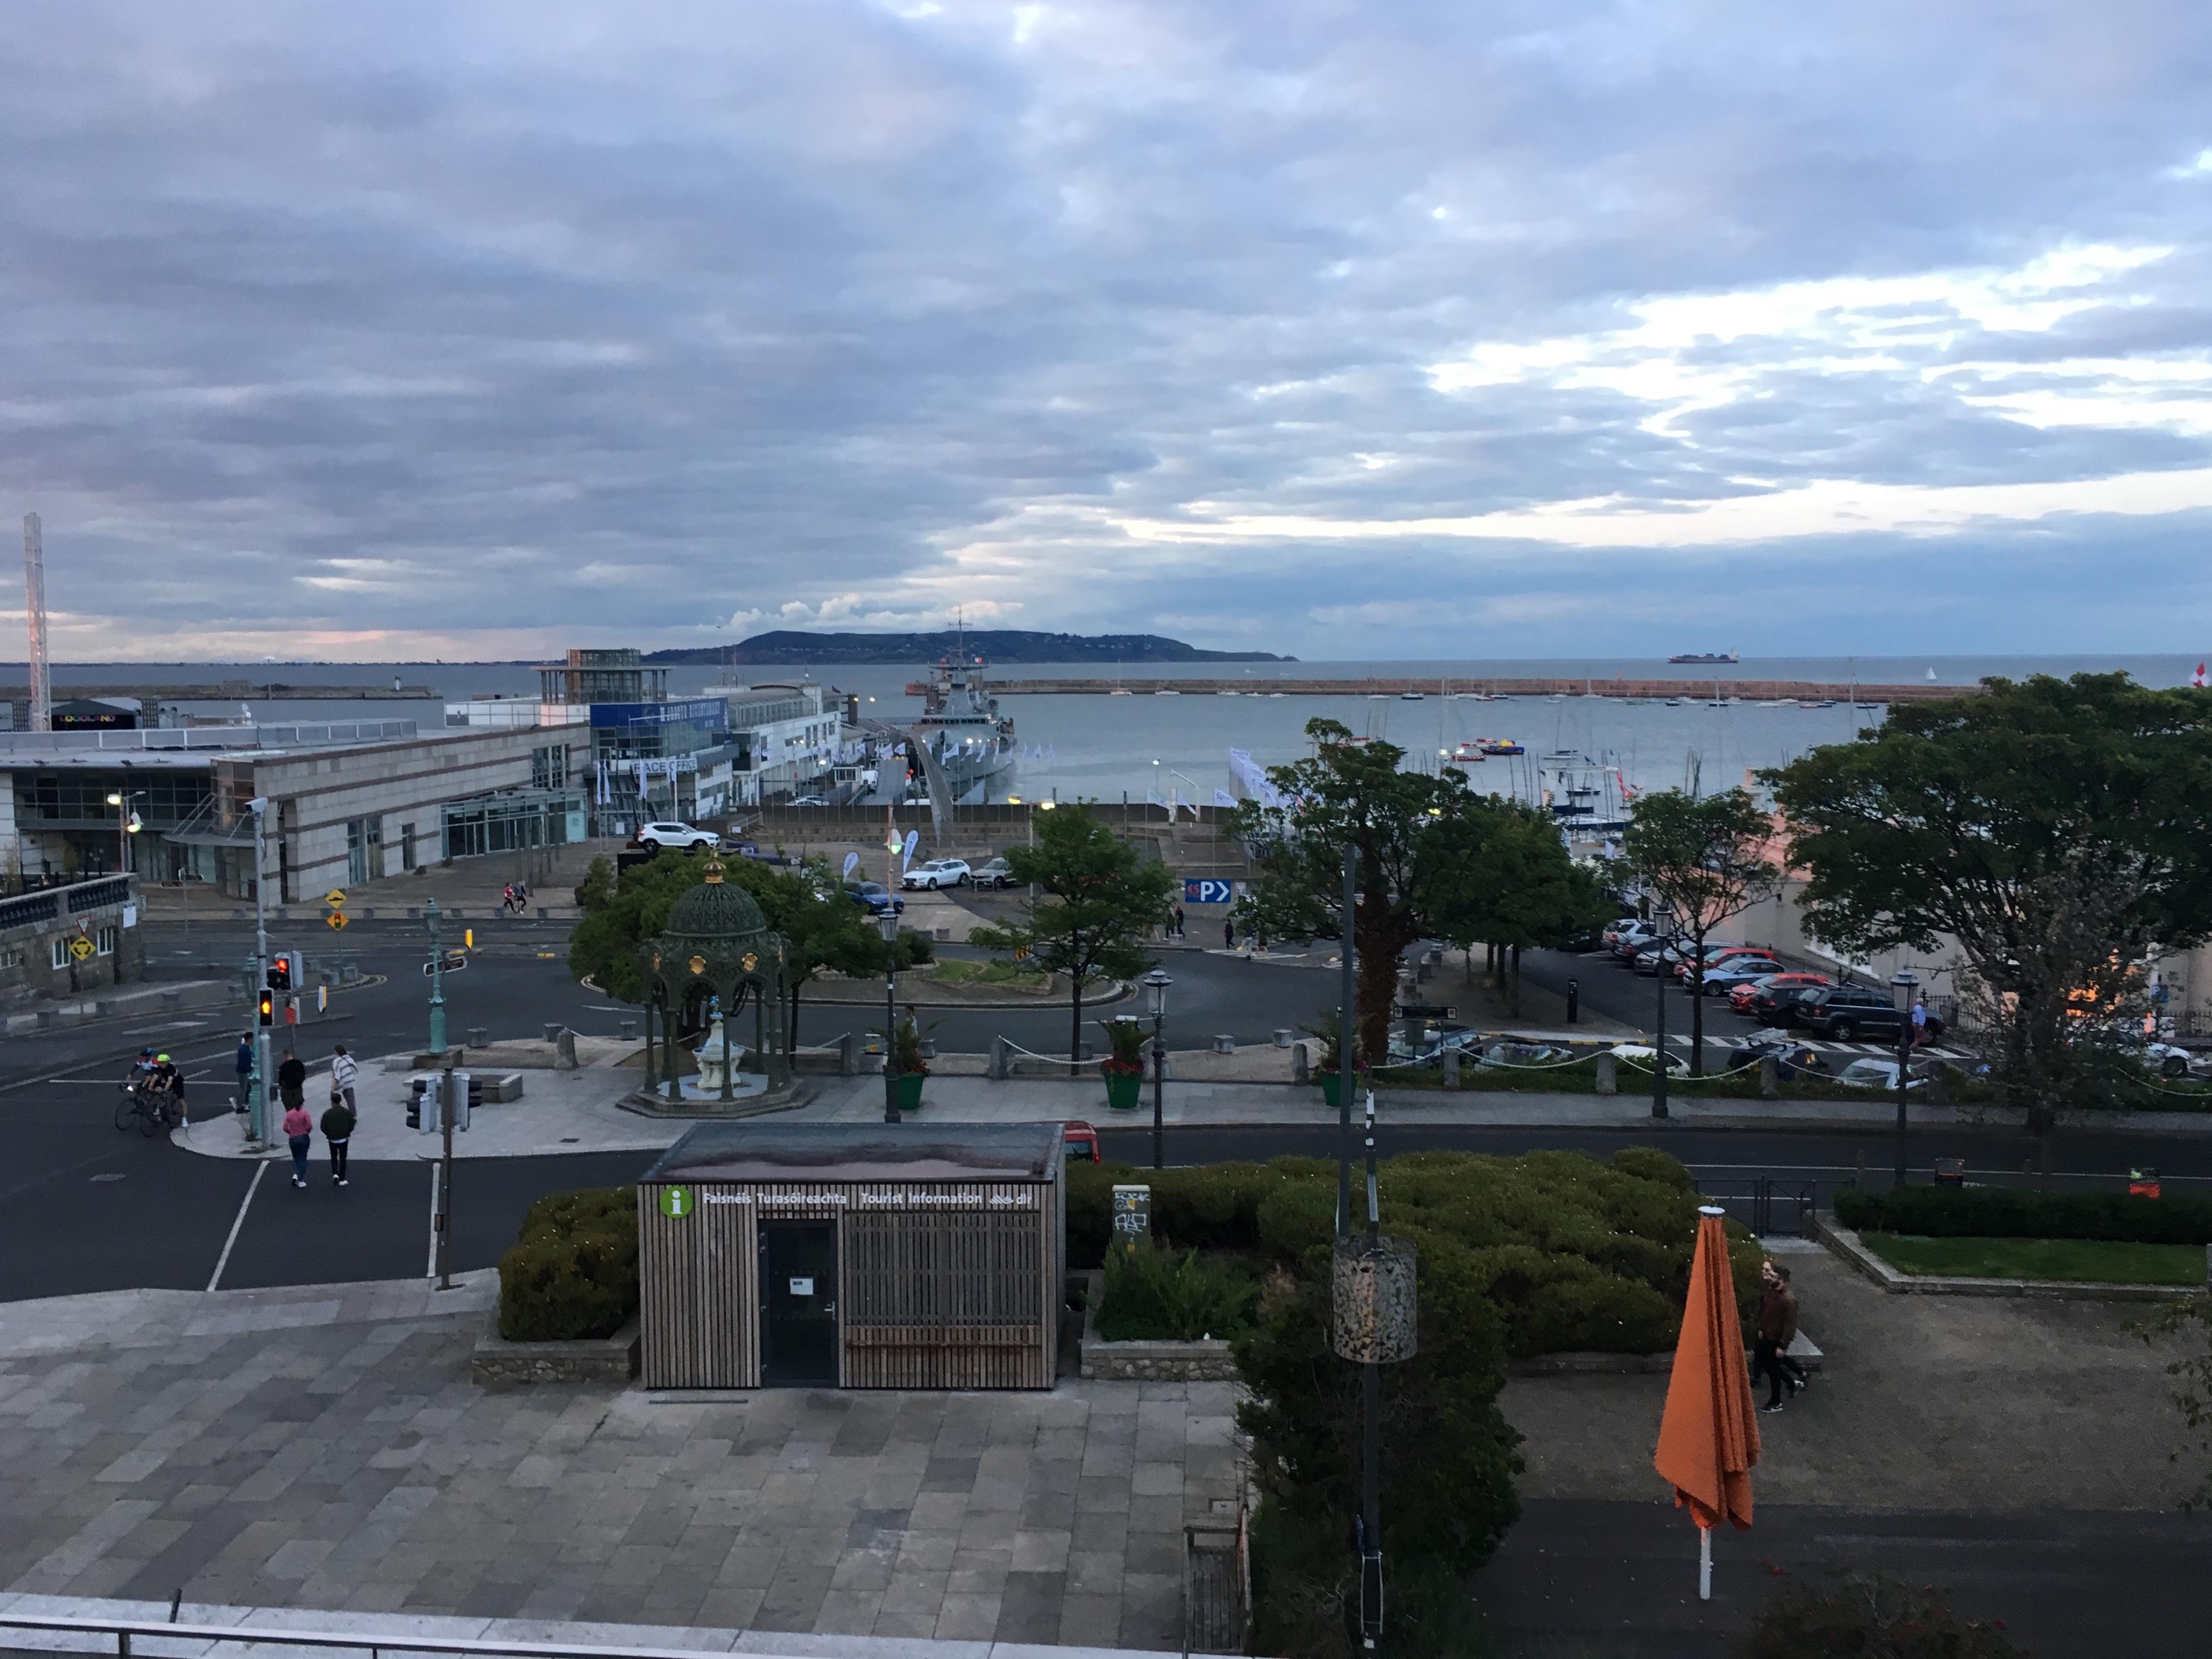 Dublino e dintorni: luoghi da non perdere intorno a Dublino - Dún Laoghaire